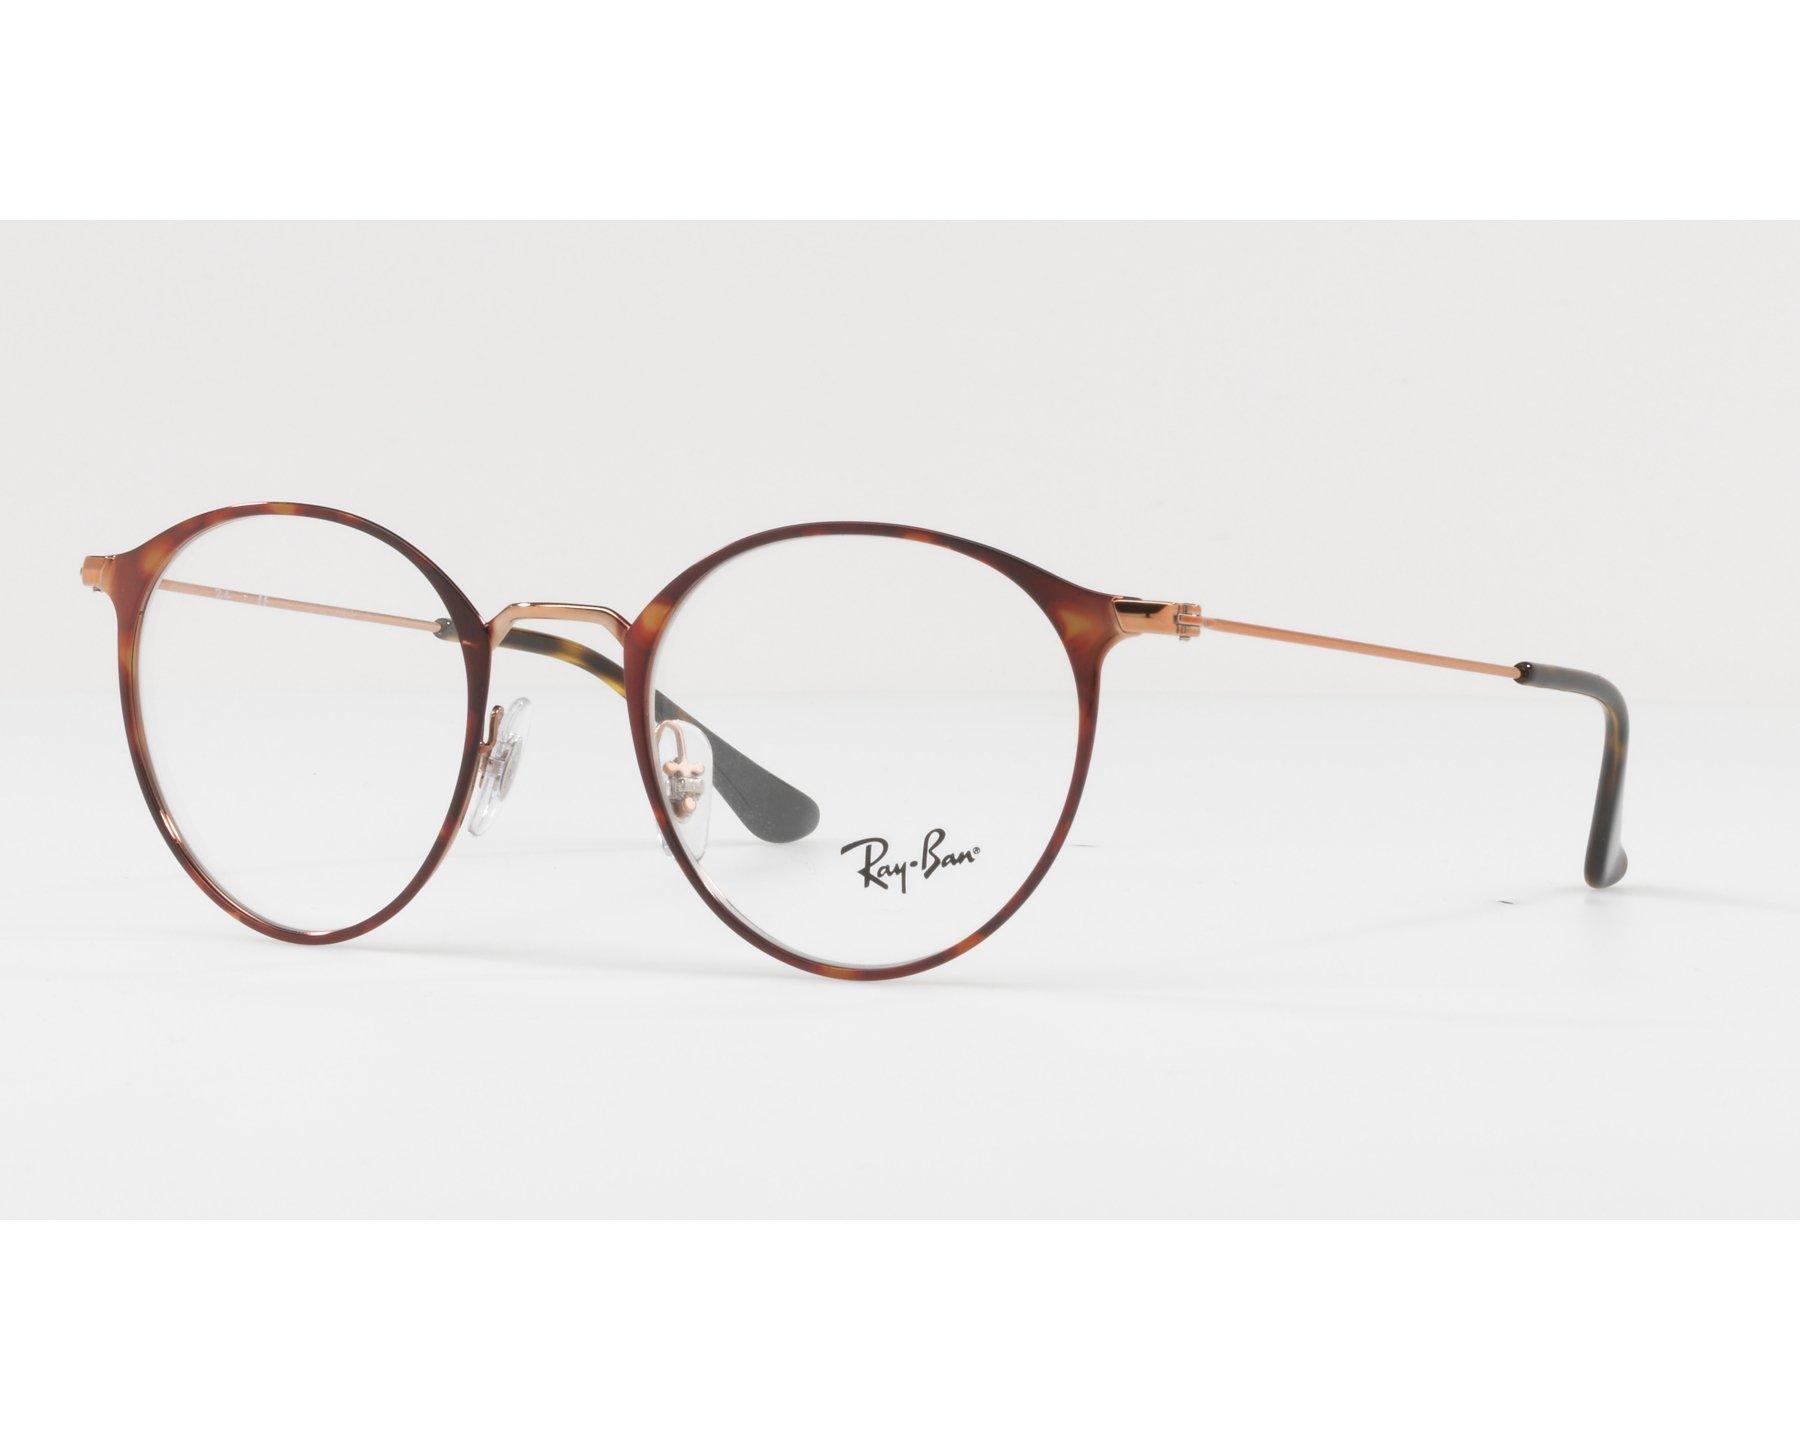 Gafas Graduadas Ray-Ban RX-6378 2971 47-21 Havana Oro cobre 40ef7f0eda23